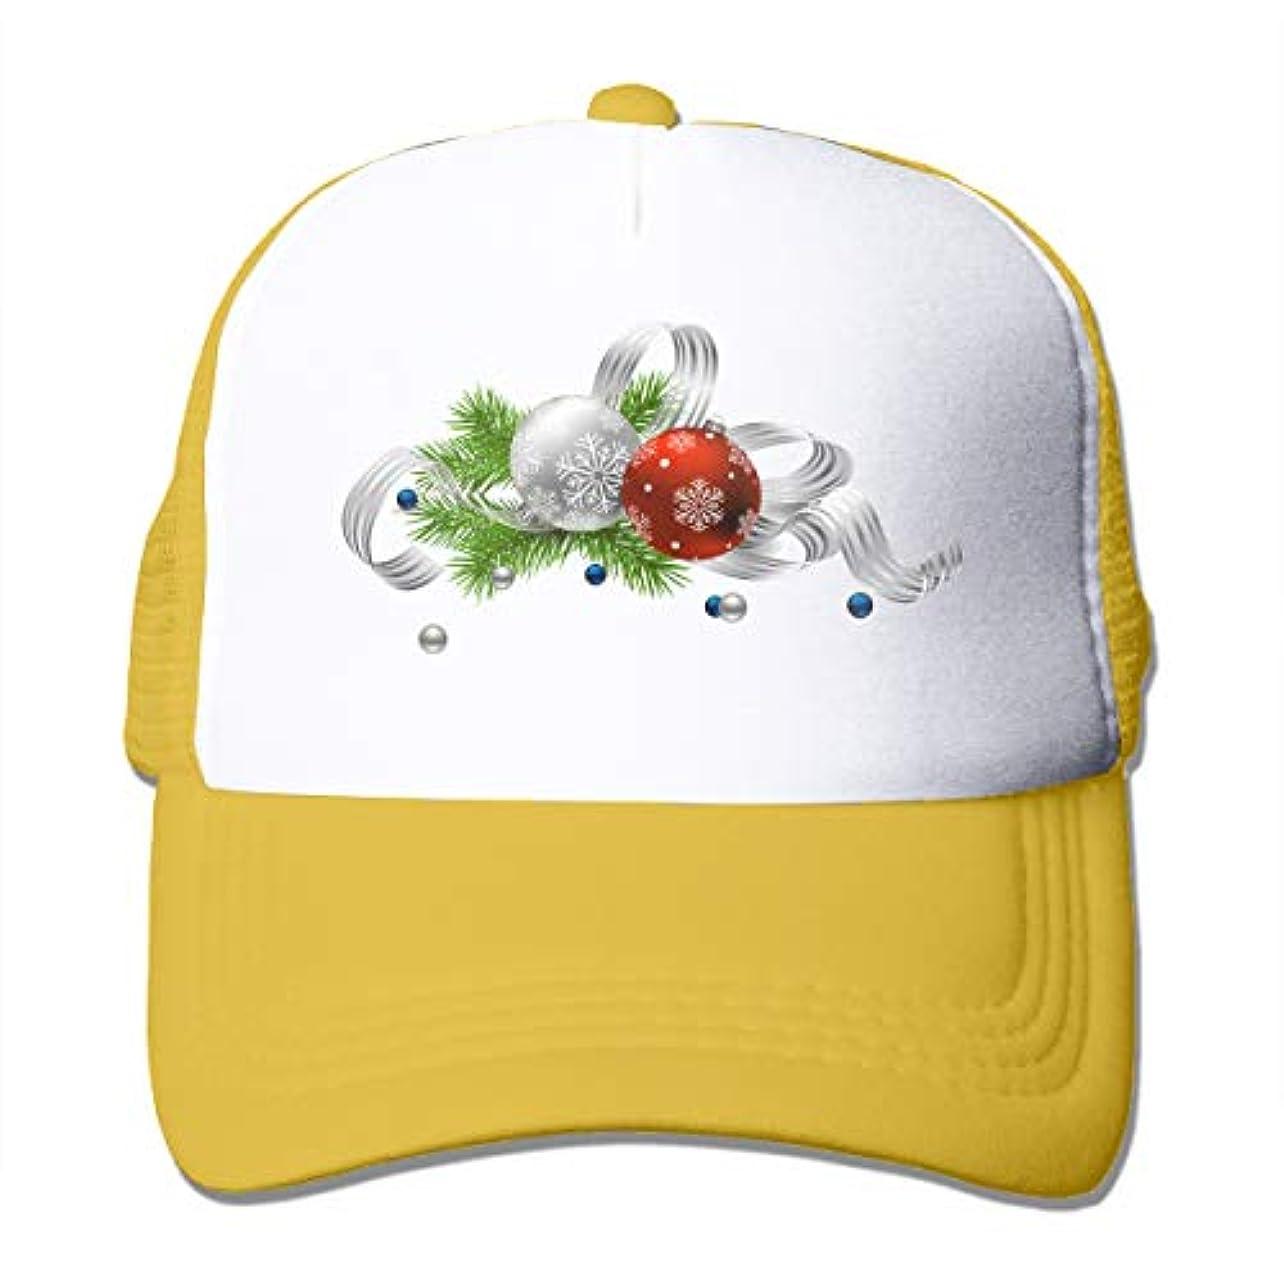 確かな開示する満たすトラック運転手の帽子ポリエステル快適で 毎日のお出かけ Essential Oil Christmas Tree Black